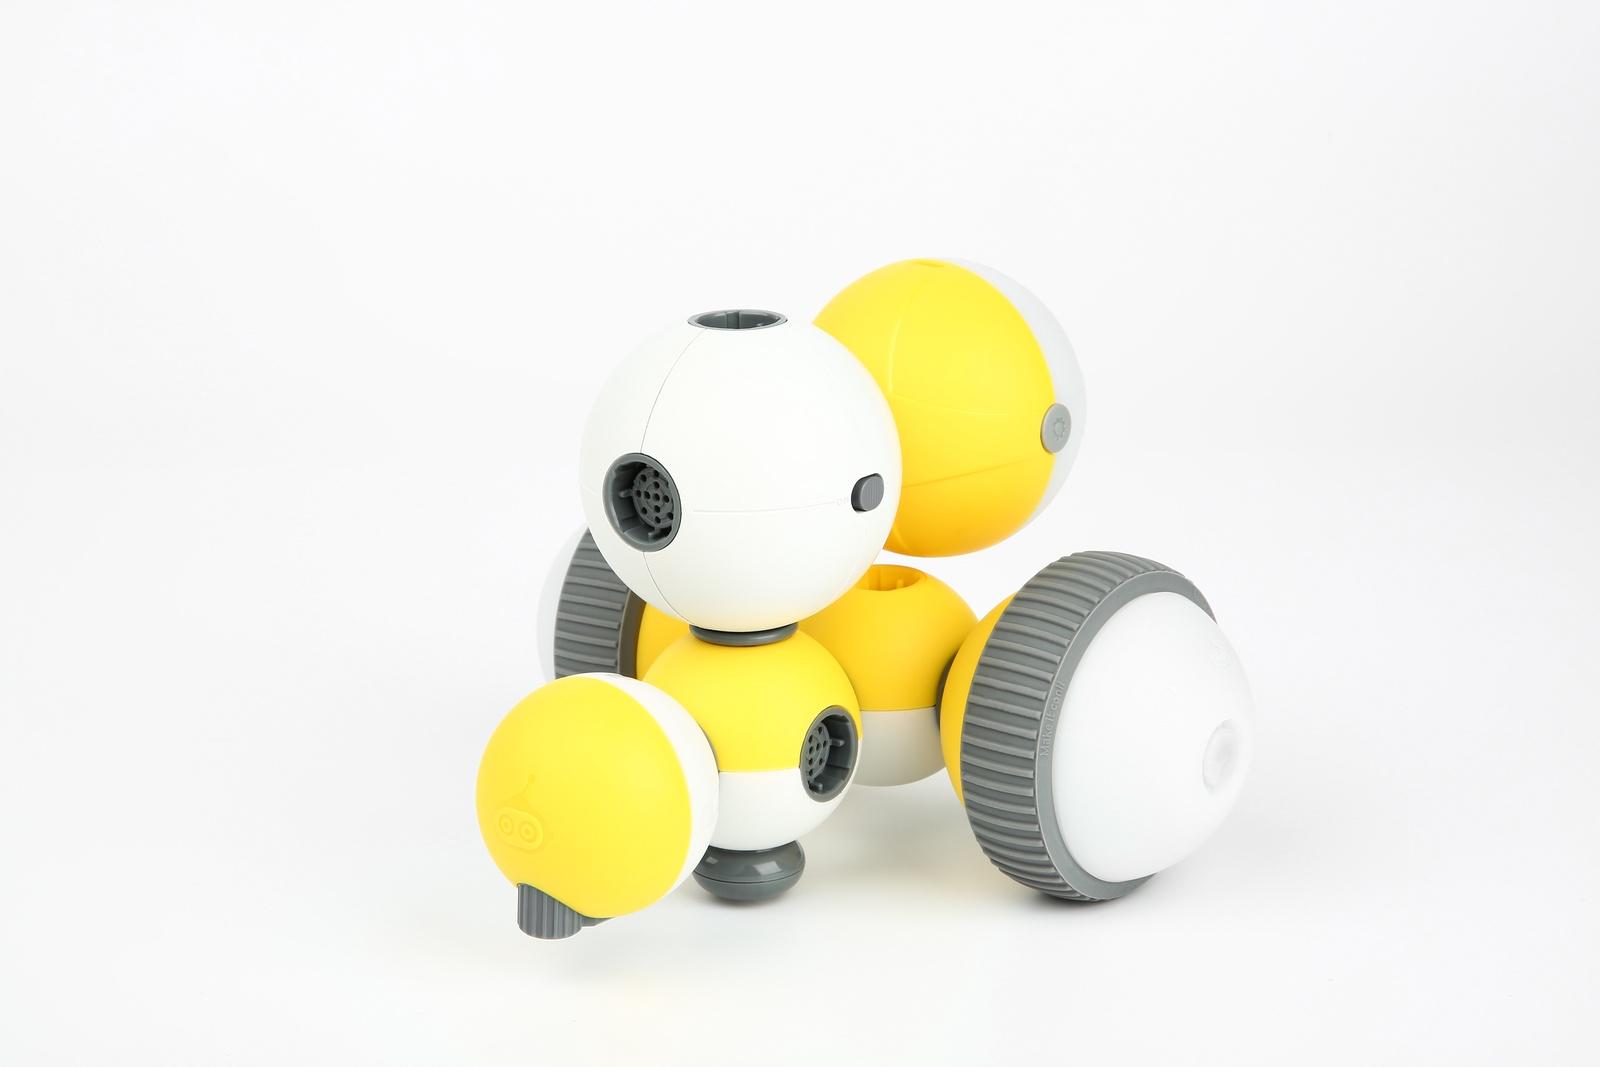 Программируемый робот Bell Robot Детский конструктор-робот Mabot A, желтый, белый Детский конструктор-робот Mabot A (Starter Kit). Бесконечные...